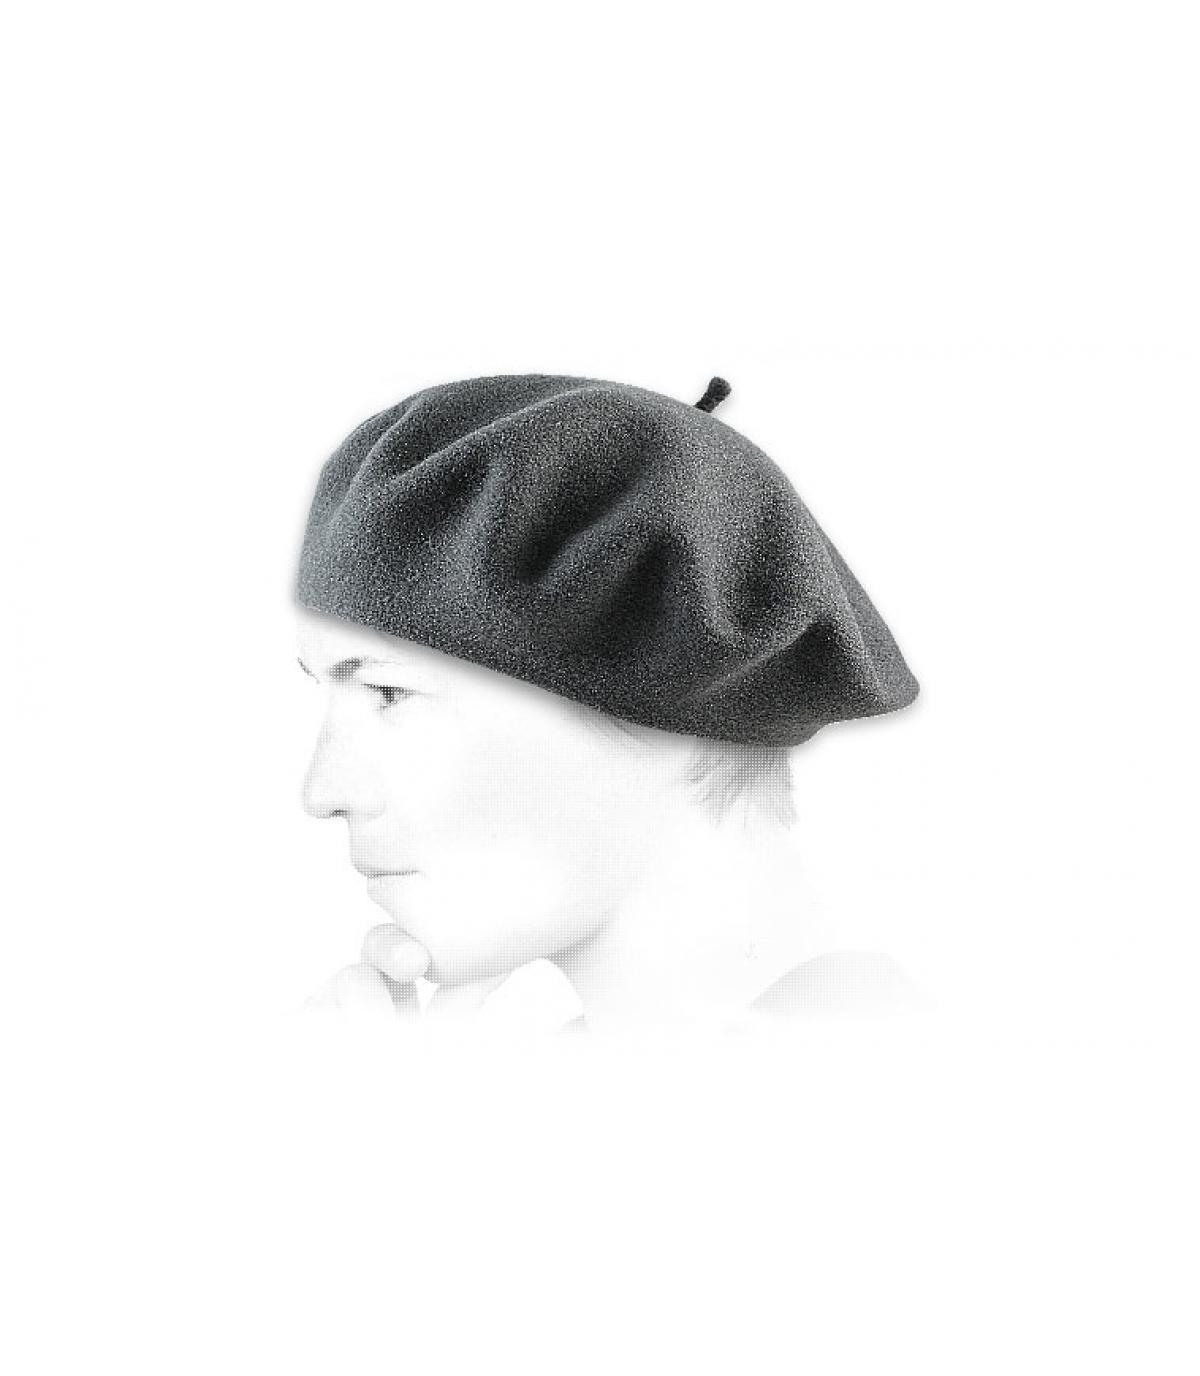 Detalles Grey french beret wm imagen 2